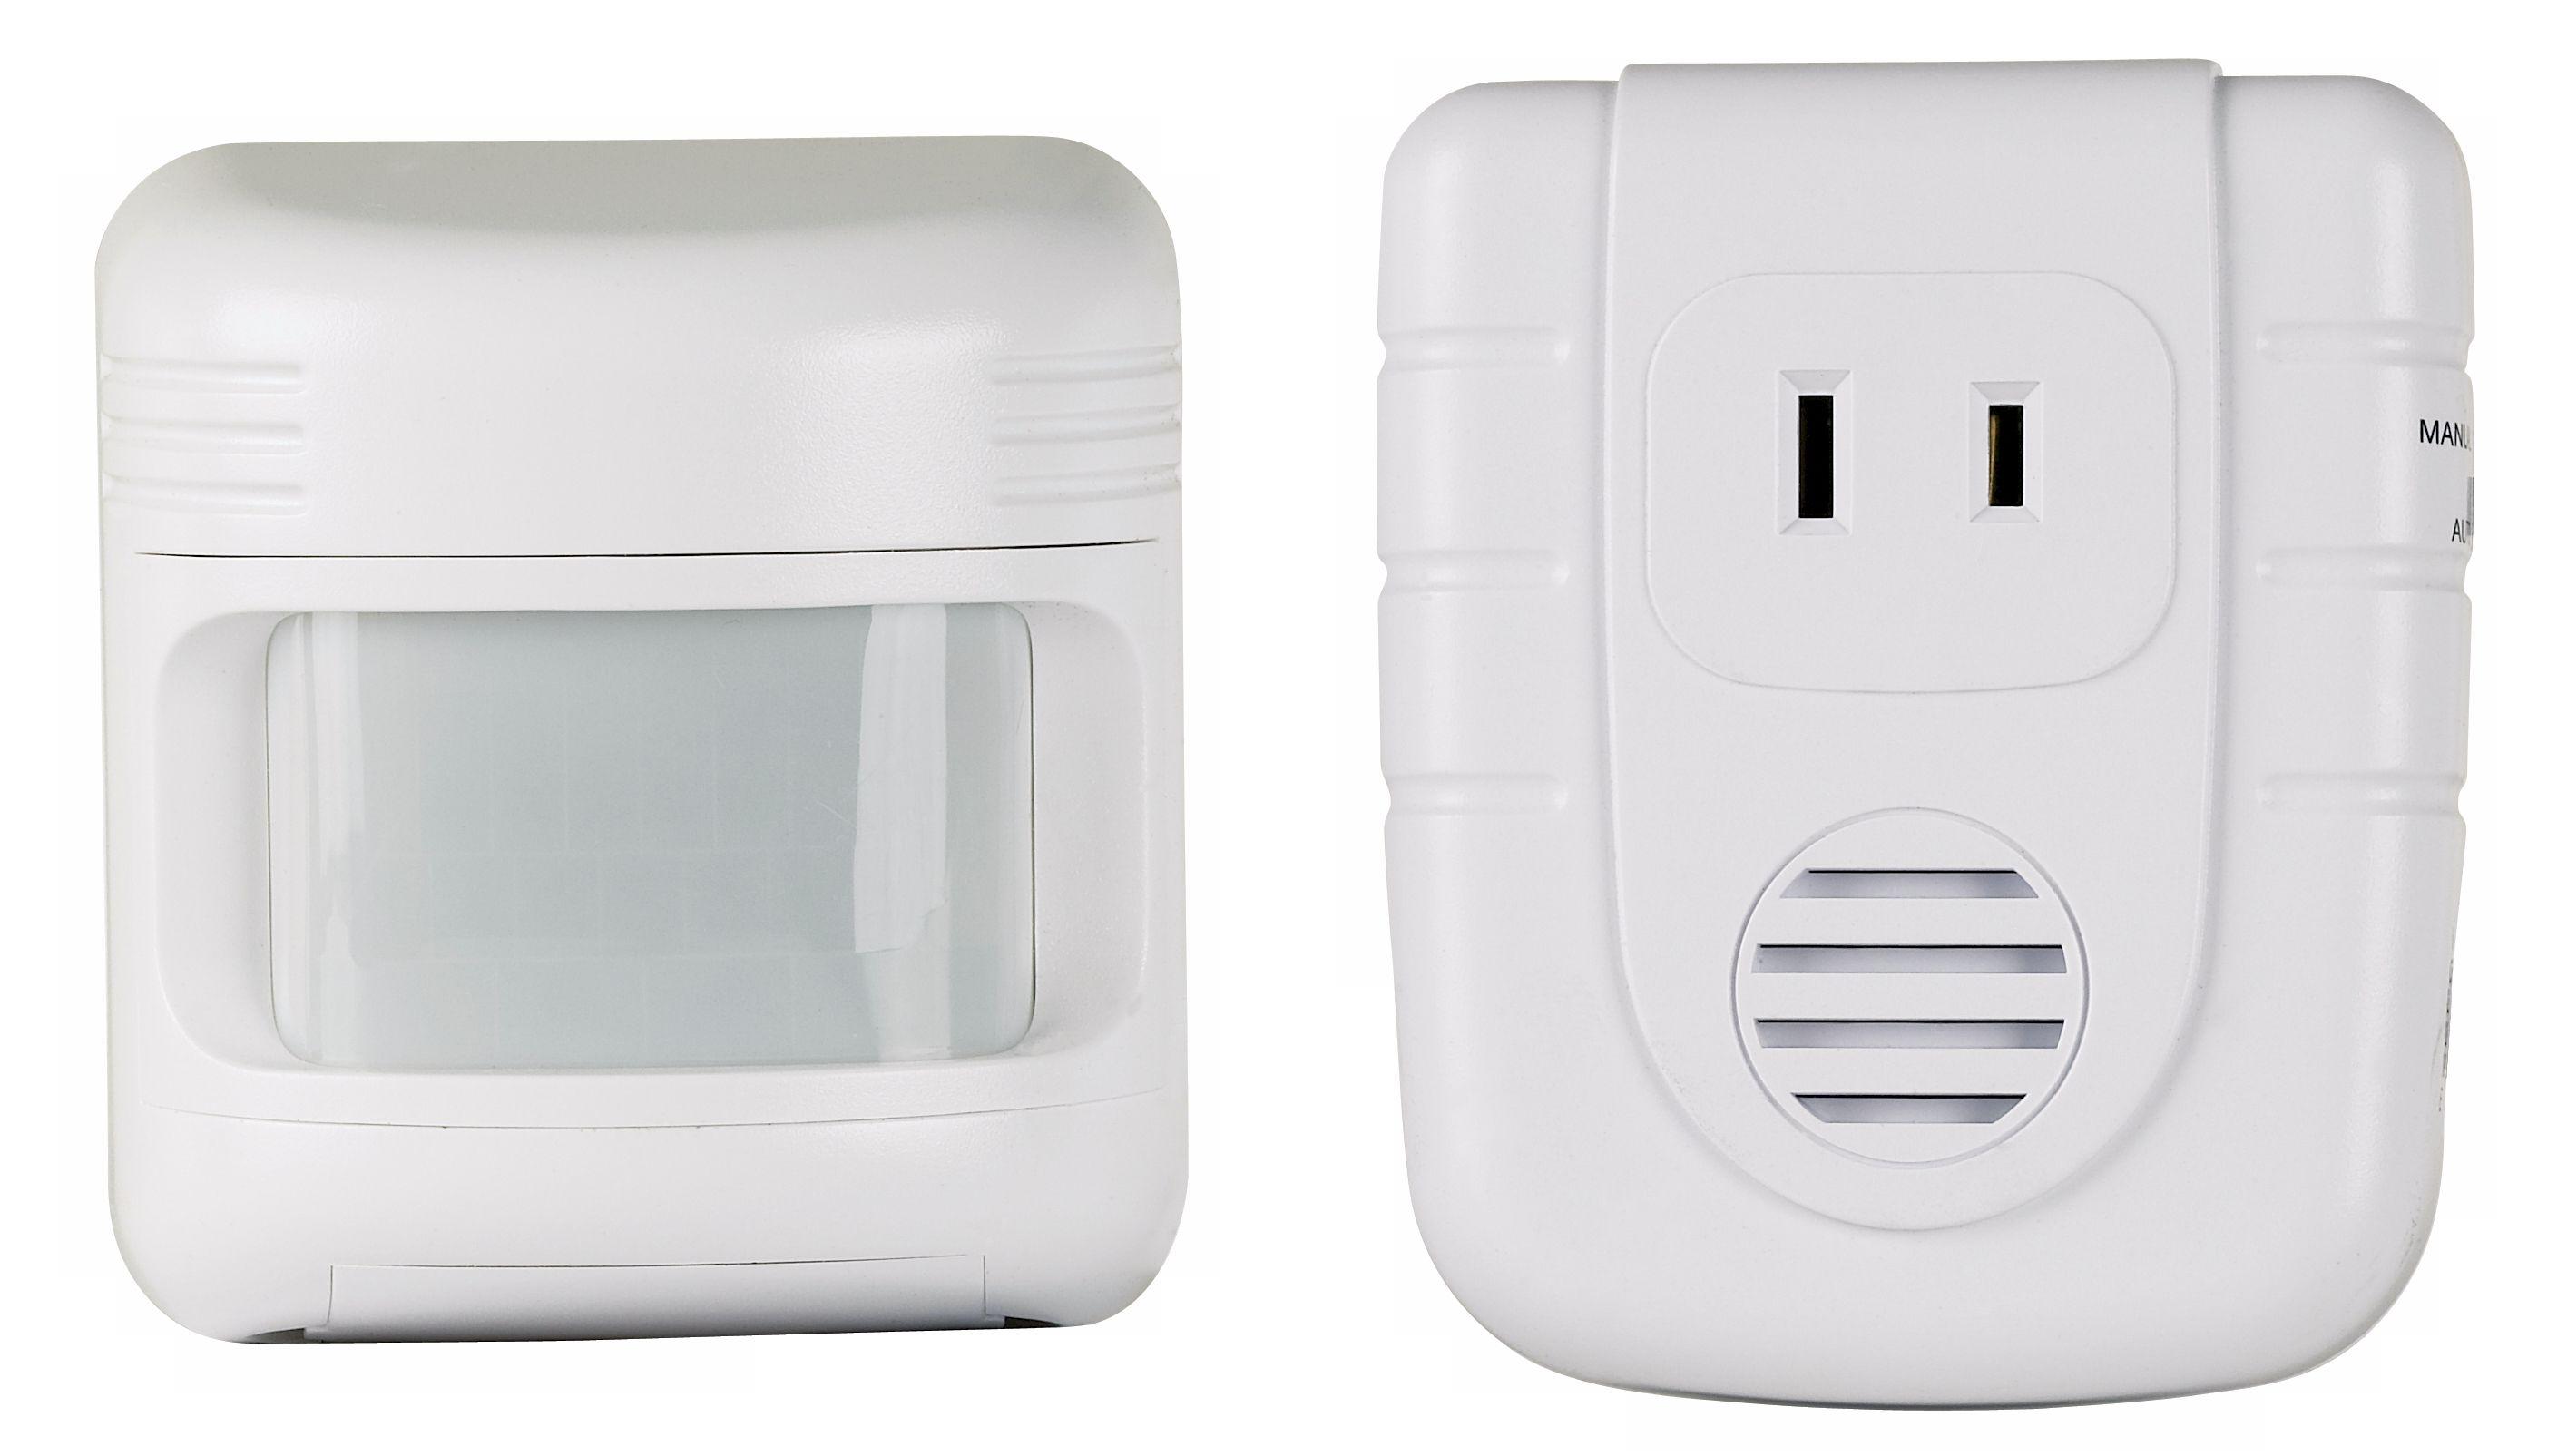 wireless outdoor motion sensor with indoor alert